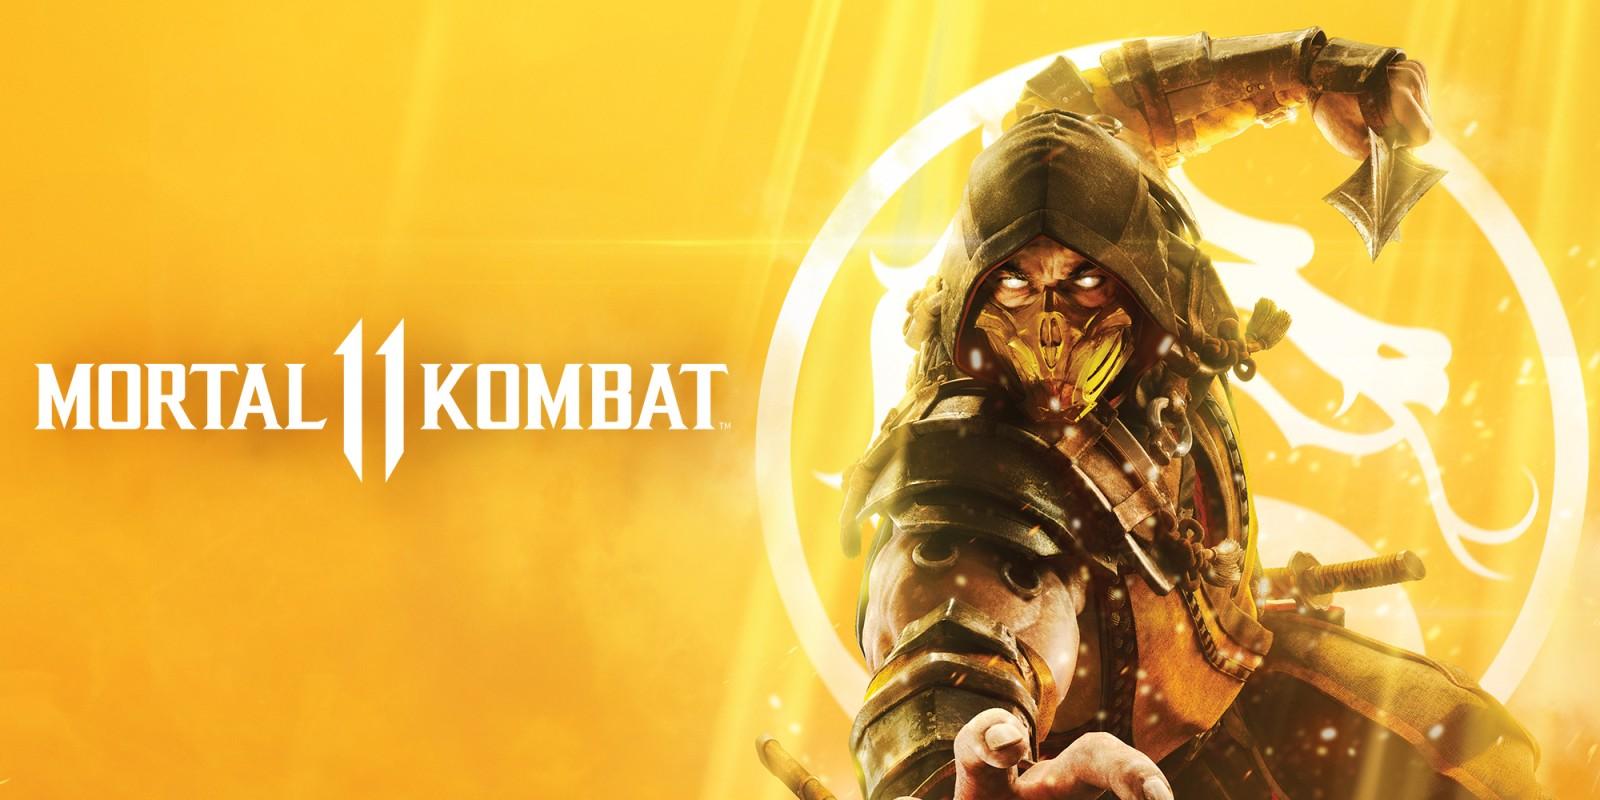 Эд Бун пообещал раскрыть подробности нового персонажа Mortal Kombat 11, если геймеры найдут угнанную машину его друга